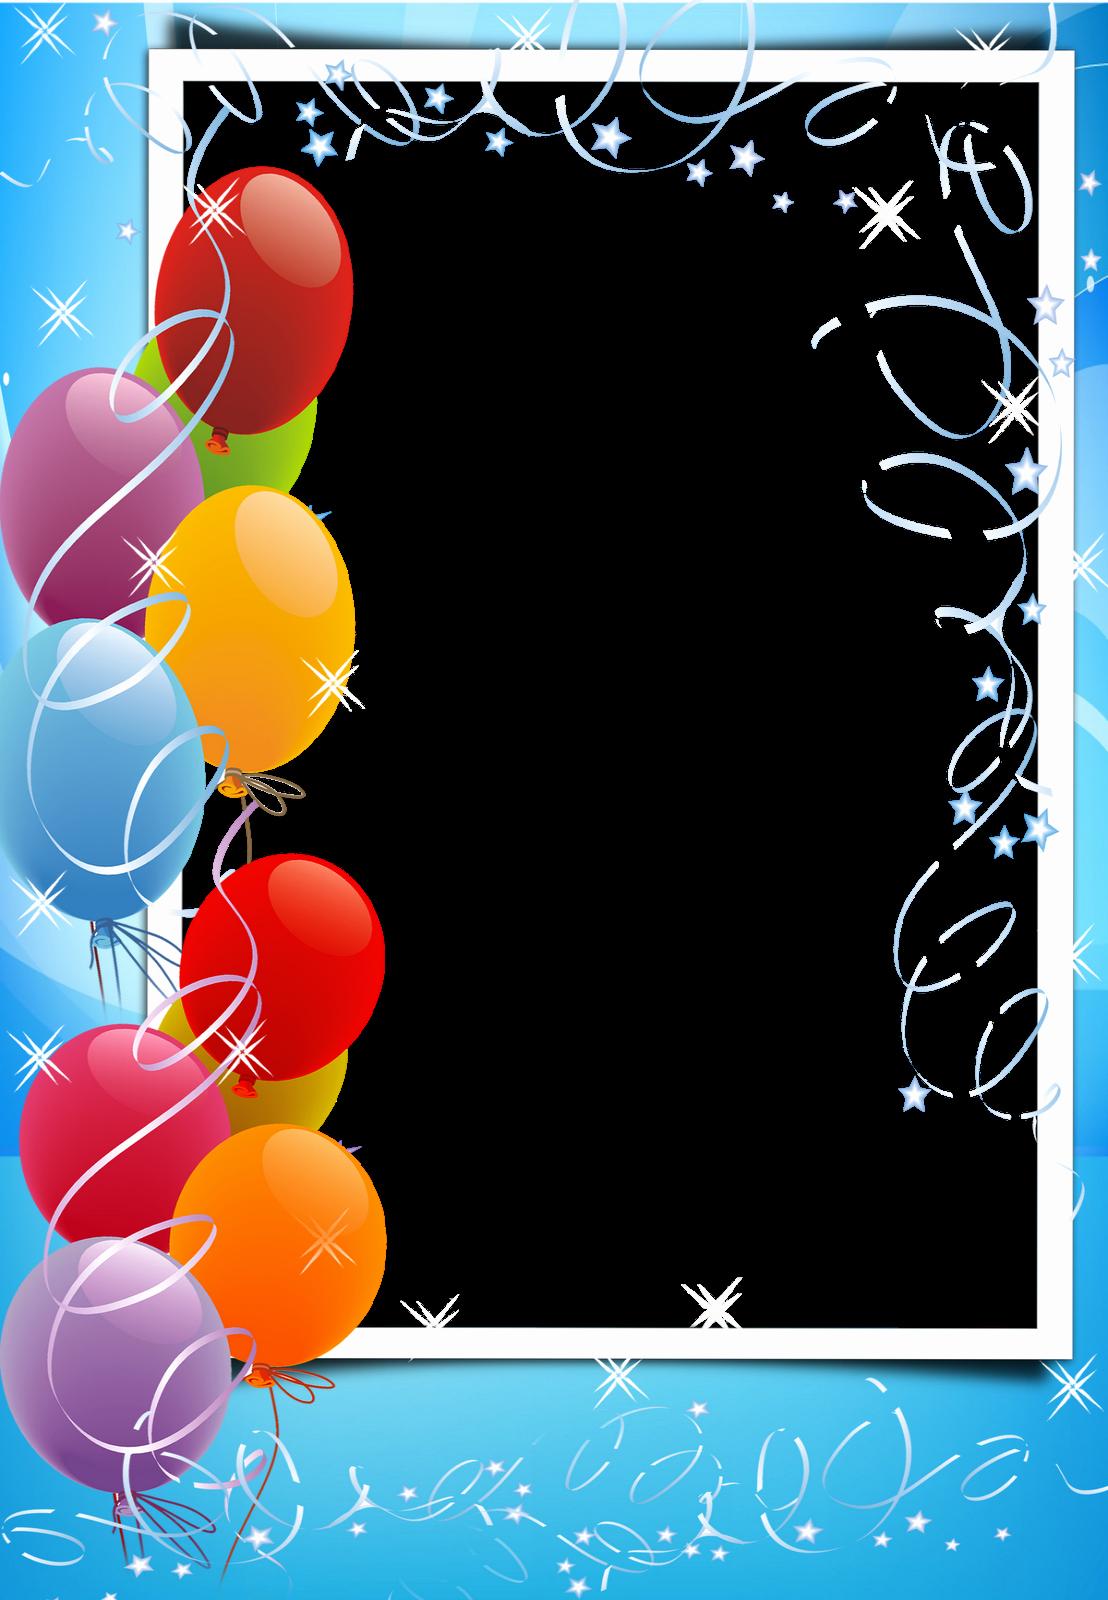 Plantillas De Cumpleaños Para Editar Fresh Efecto De Fotos De La Categora Cumpleaños